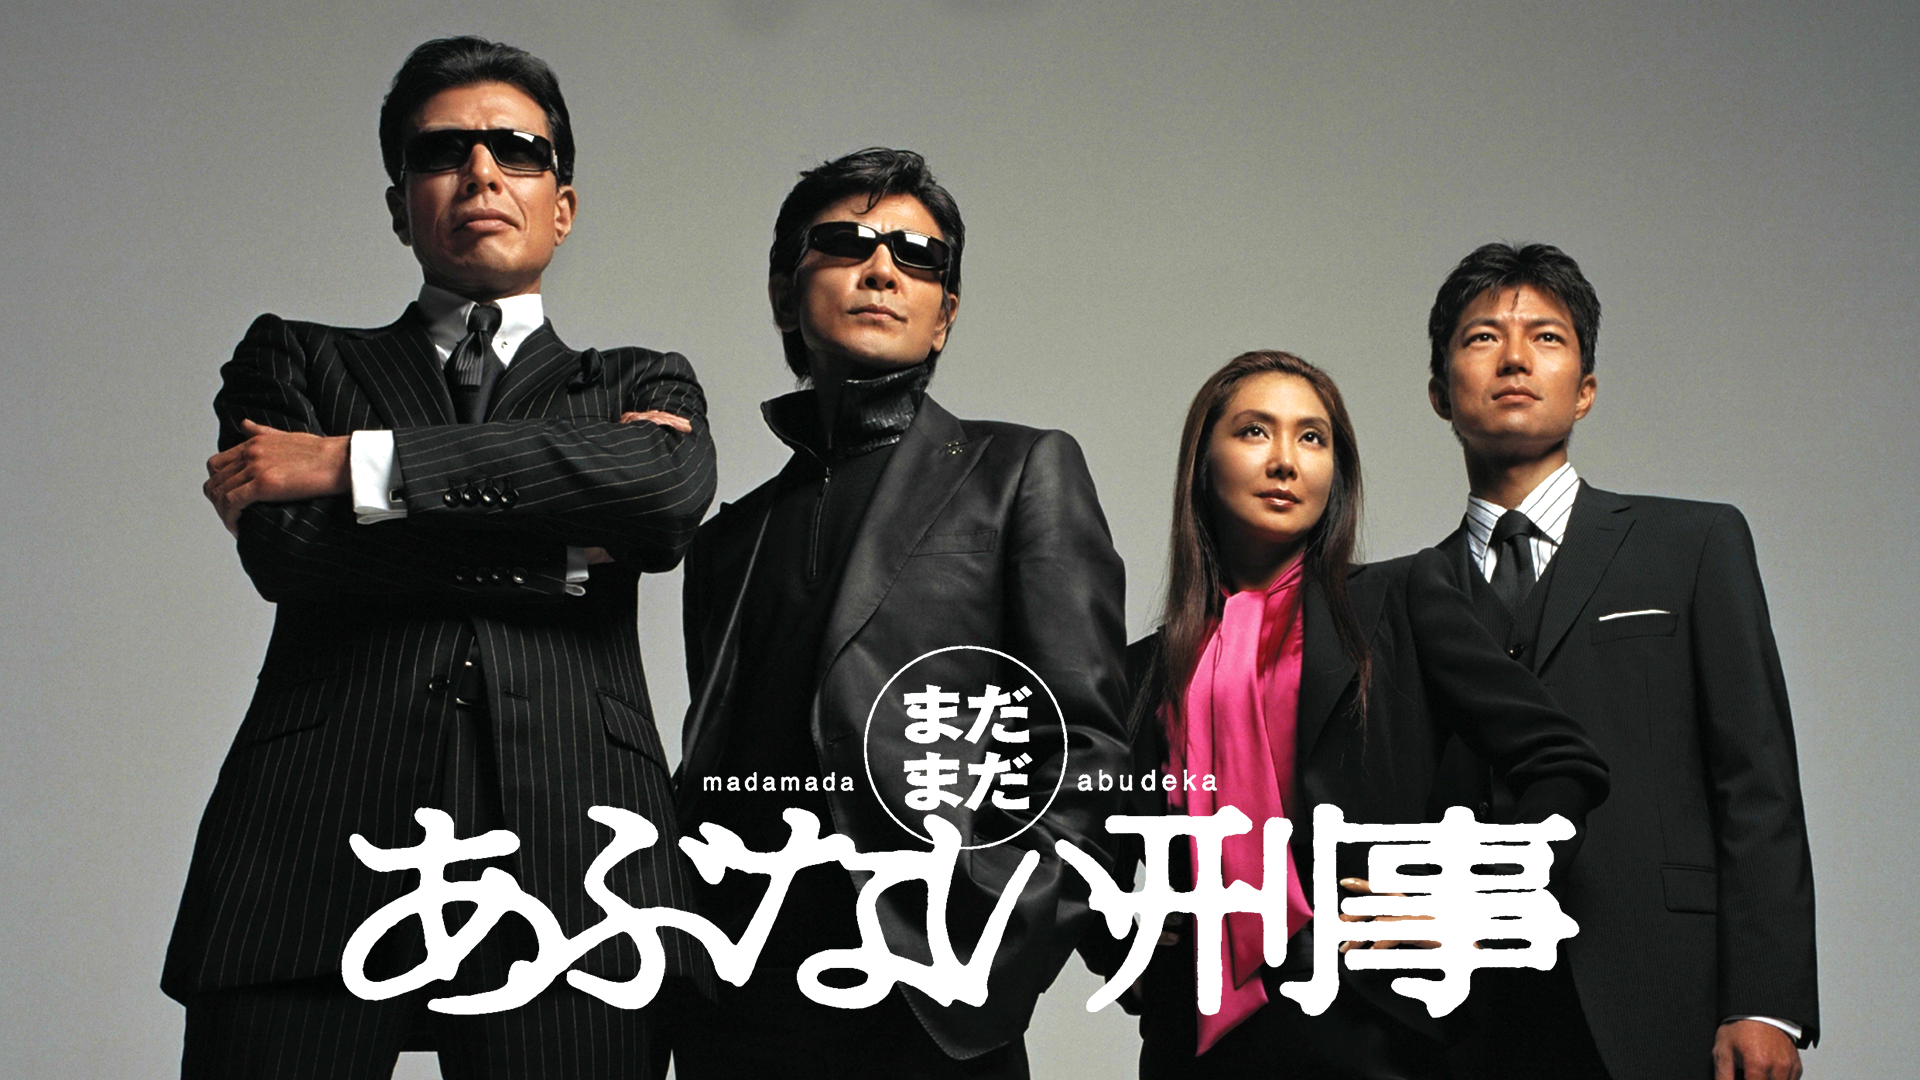 まだまだあぶない刑事(2005) | 無料動画